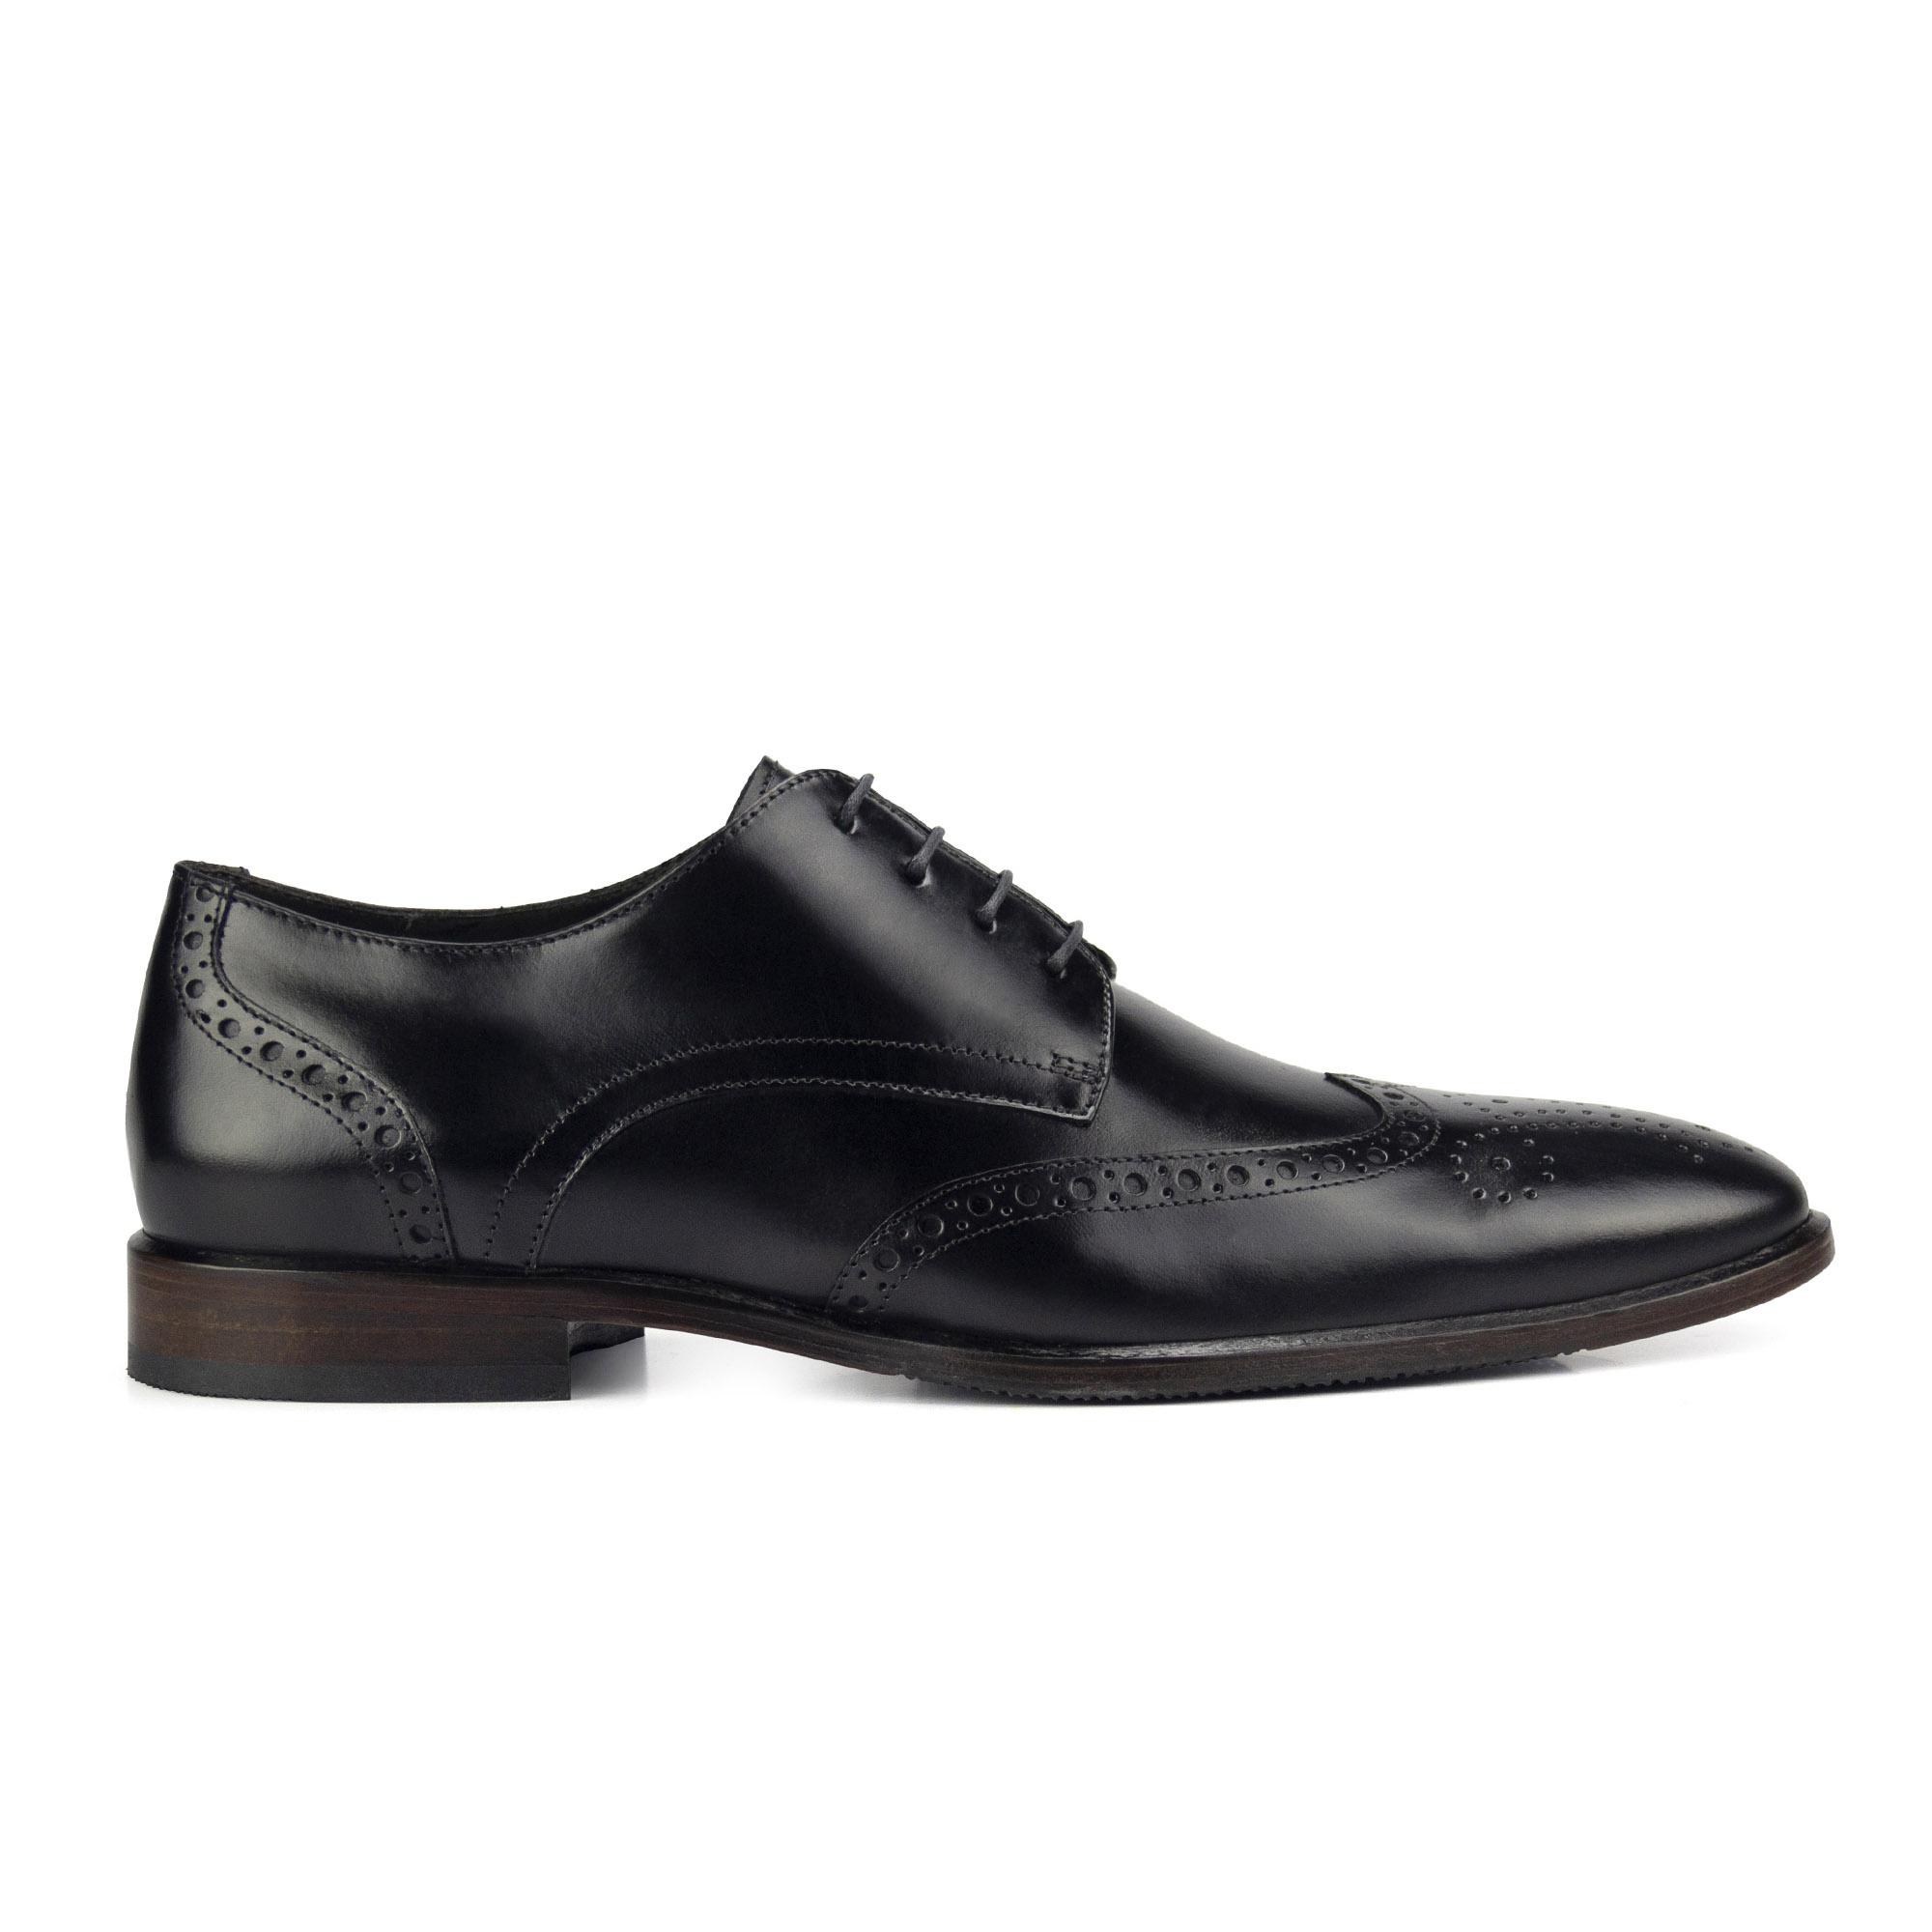 Sapato Derby Semi Brogue Masculino Preto Monbran Dressy